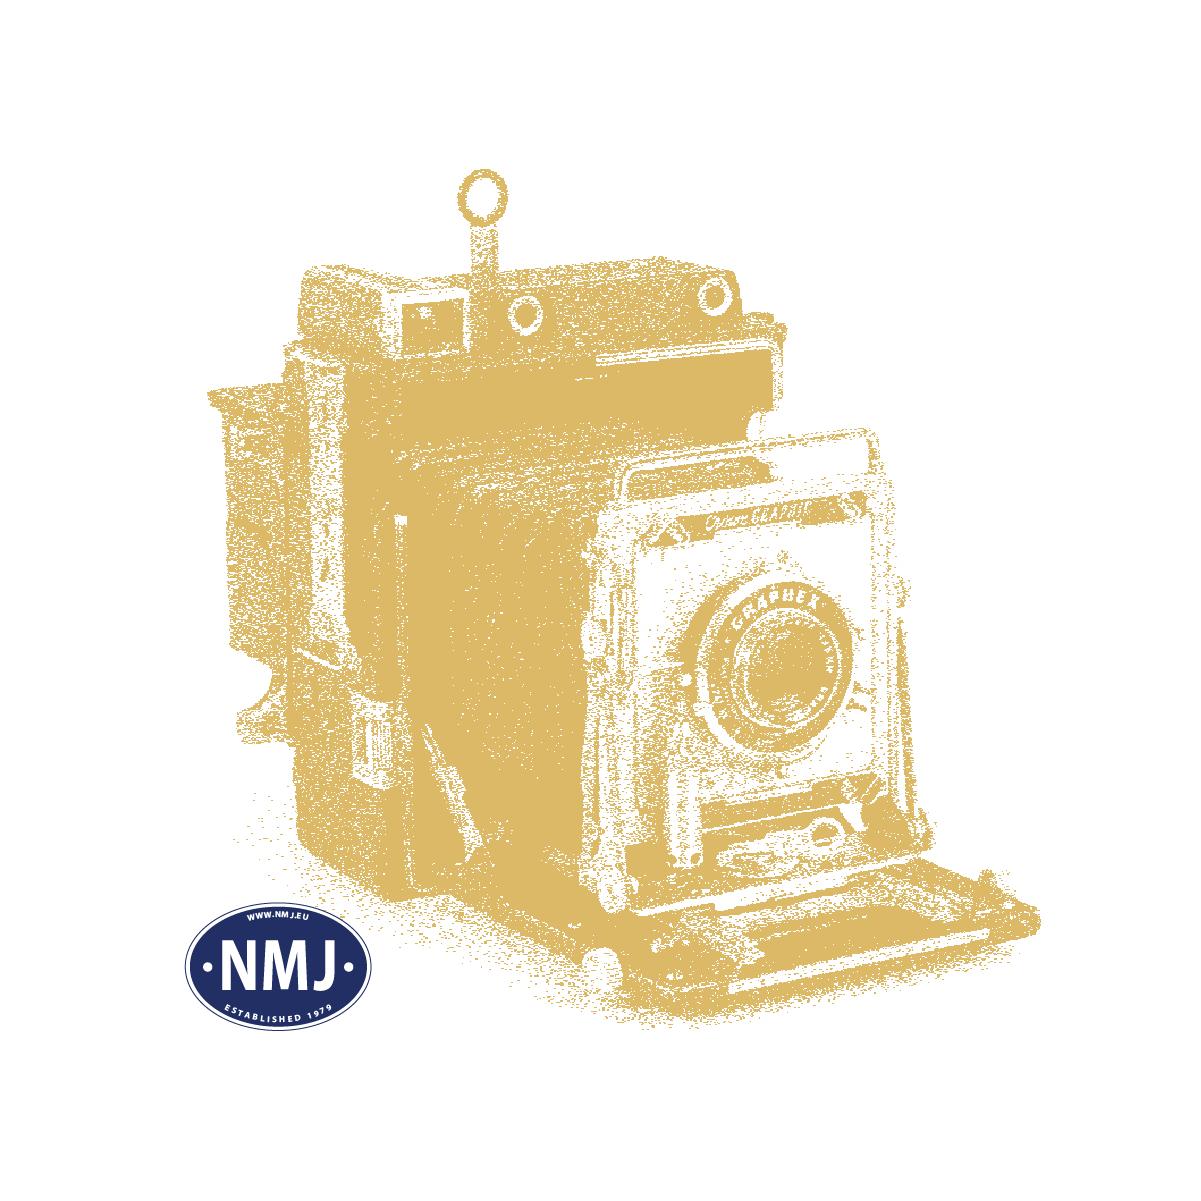 NMJS Elo 0179-4 - NMJ Superline NSB Elo 21 76 511 0179-4 1968-1992, *NMJ 40 YEARS*